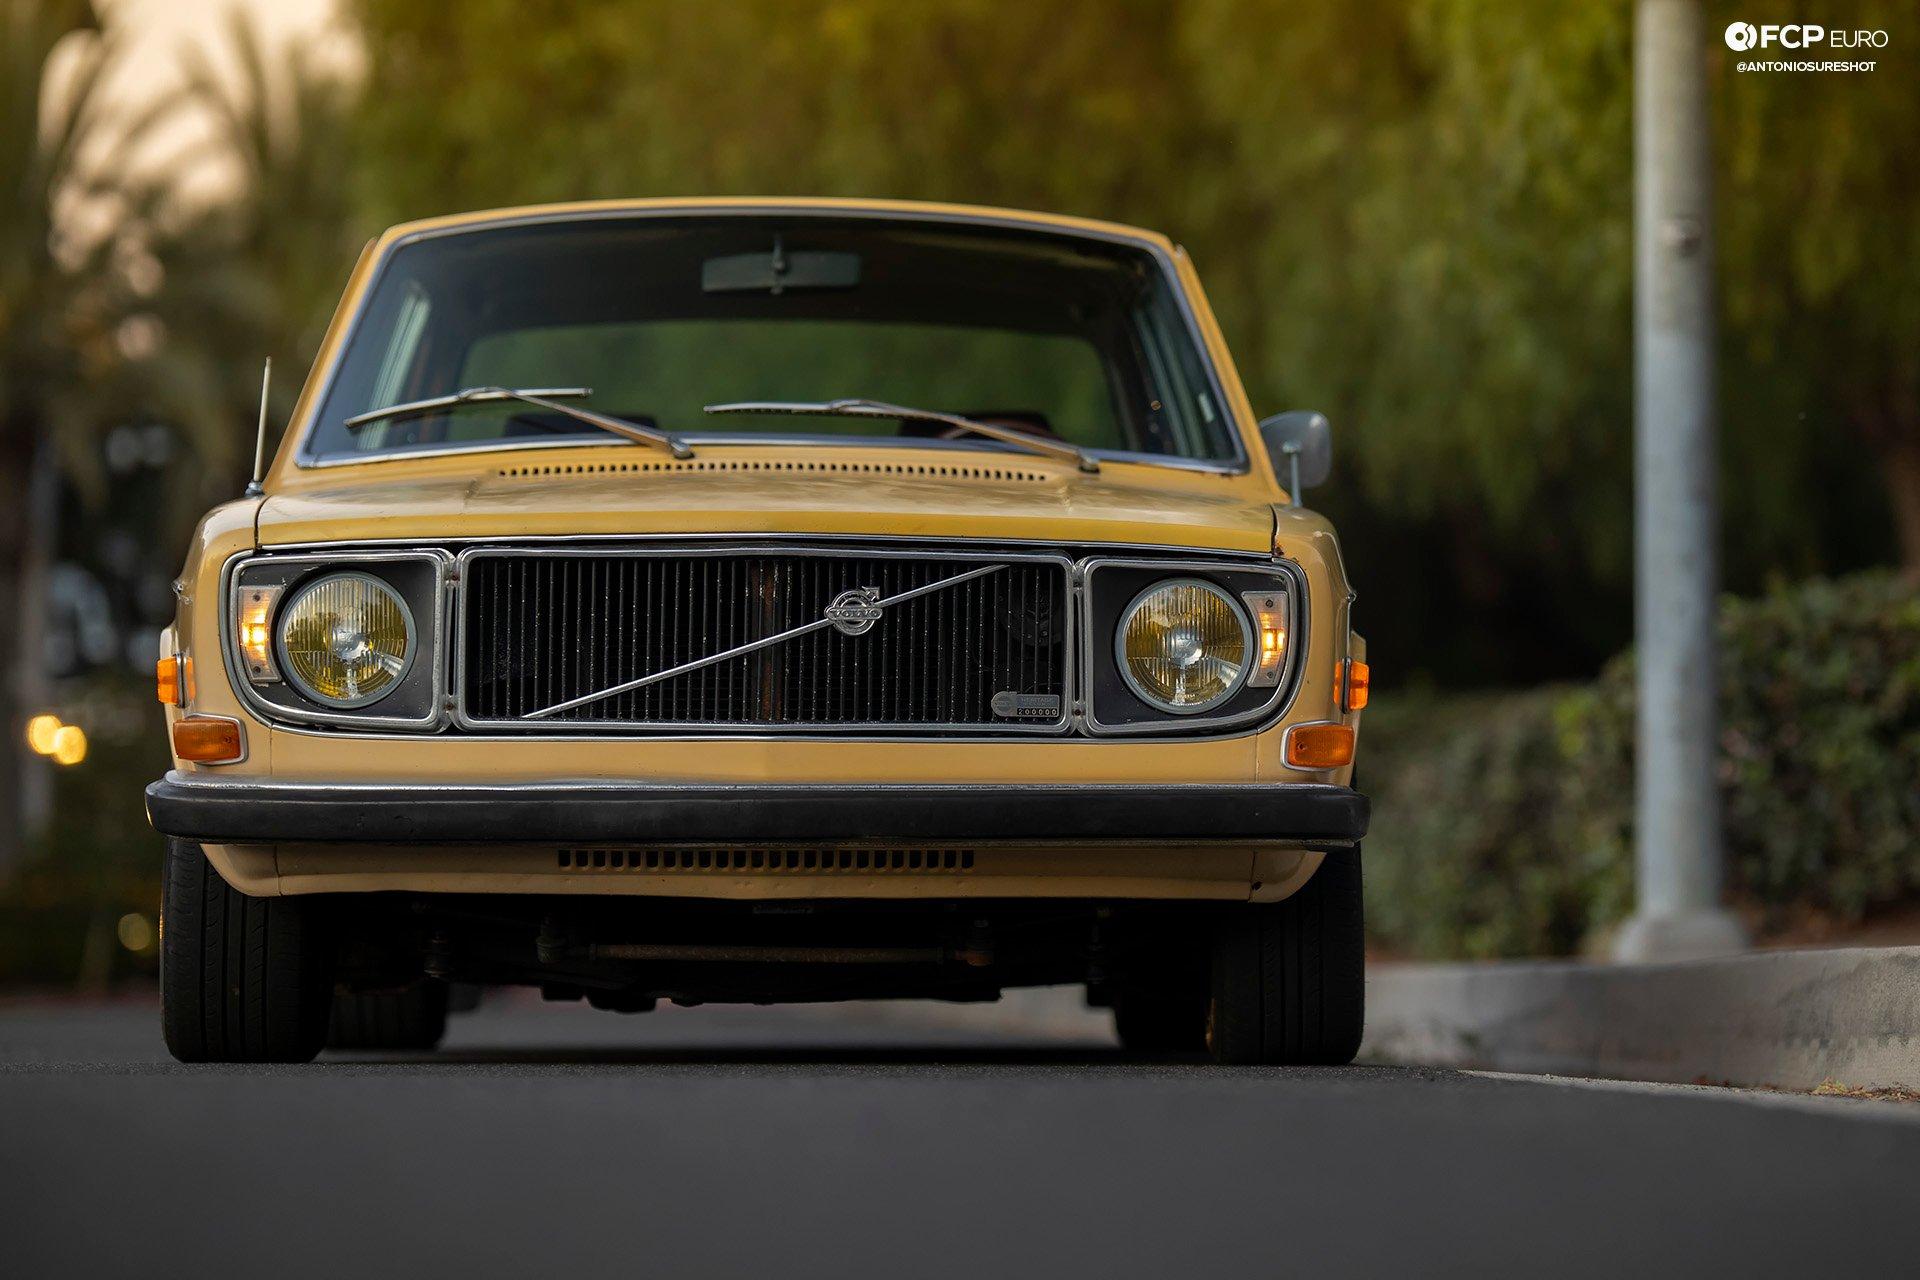 Volvo 142S Gotti Wheels EOSR0593 crop